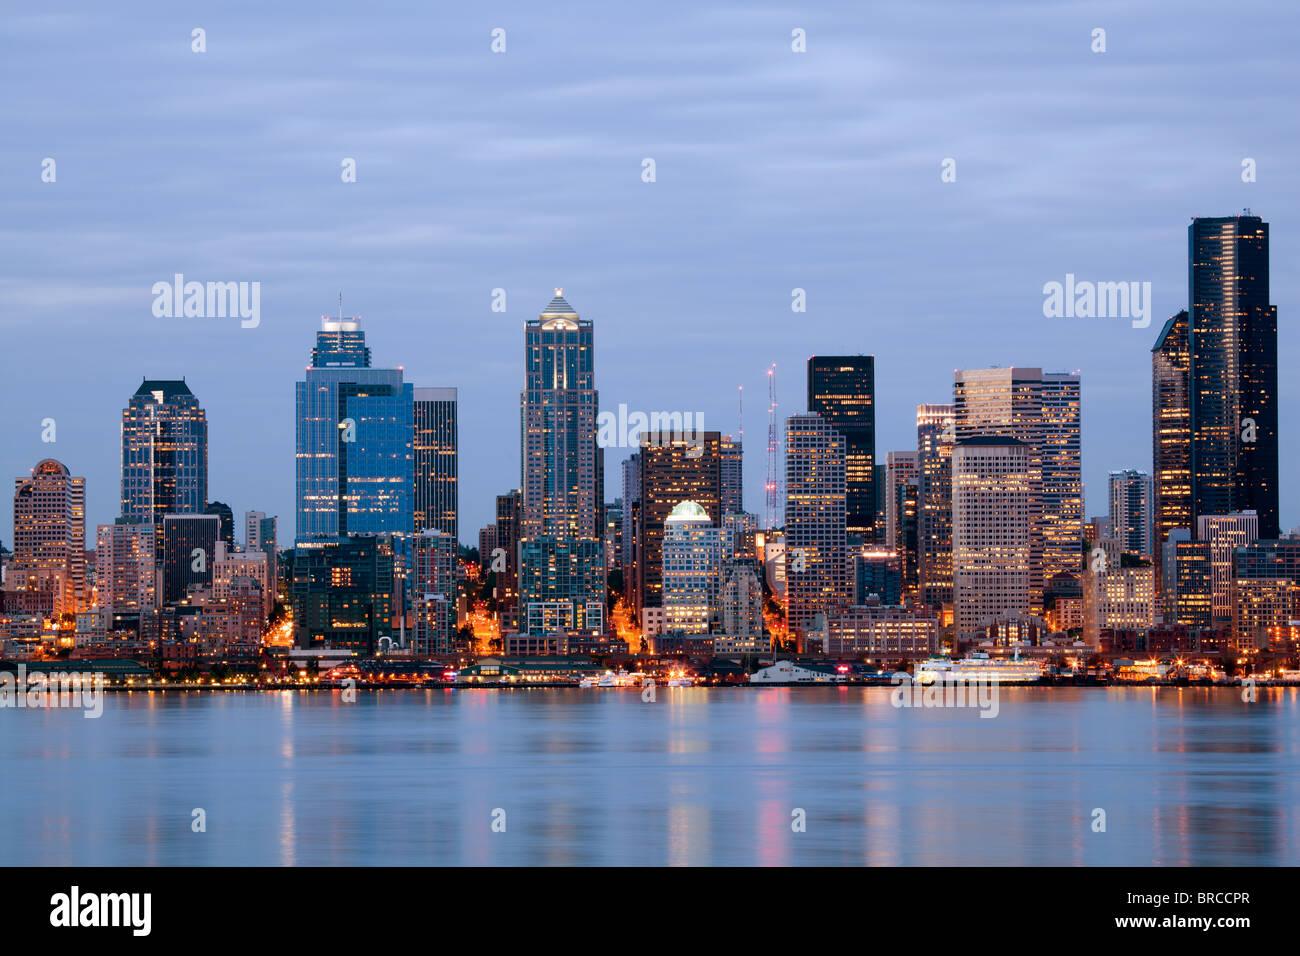 Lo skyline di Seattle - Washington Stati Uniti d'America. Edifici lungo waterfront al crepuscolo. Immagini Stock